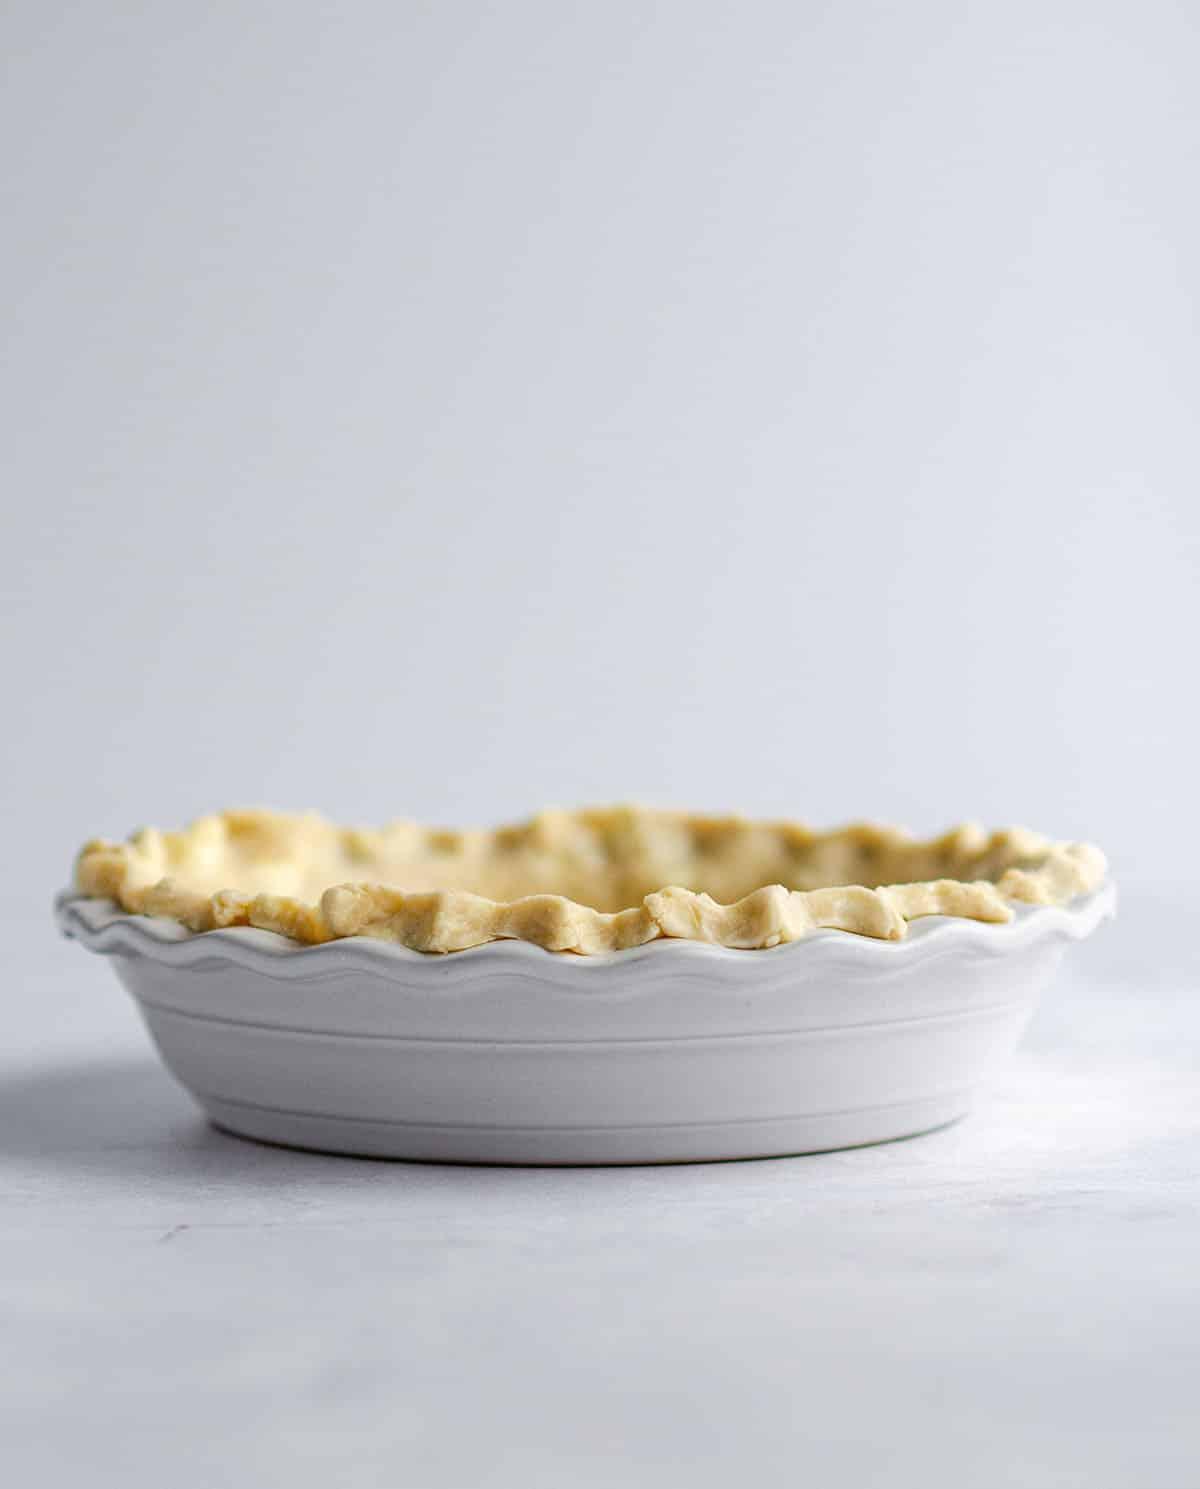 homemade pie crust in a pie plate